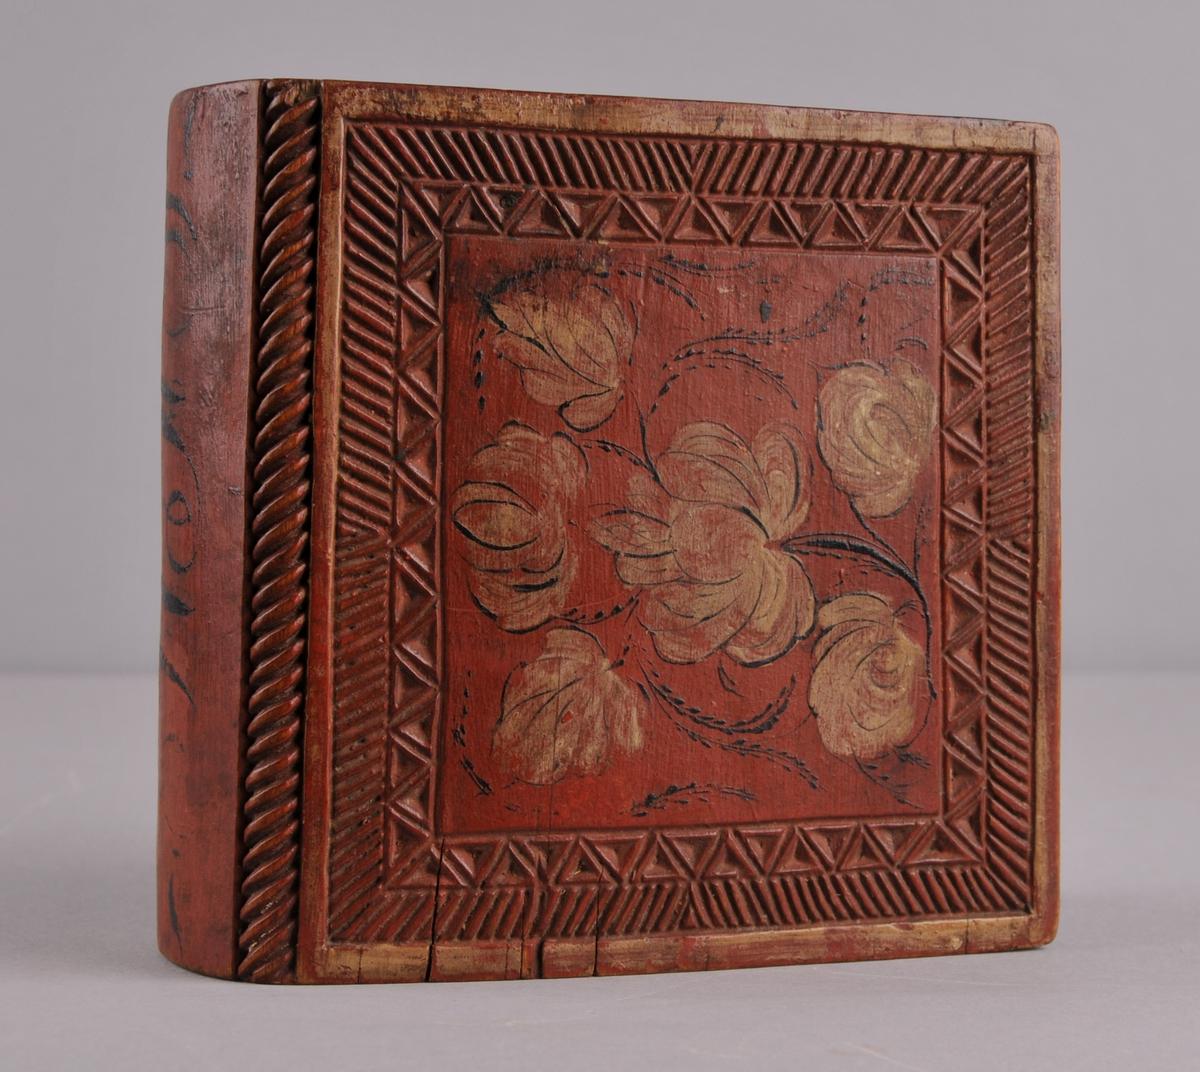 Skrin forma som ei bok. Skreielok i begge endar. Skrinet er raudmåla med karveskurd på begge sidene og rosemåling i kvitt og svart.